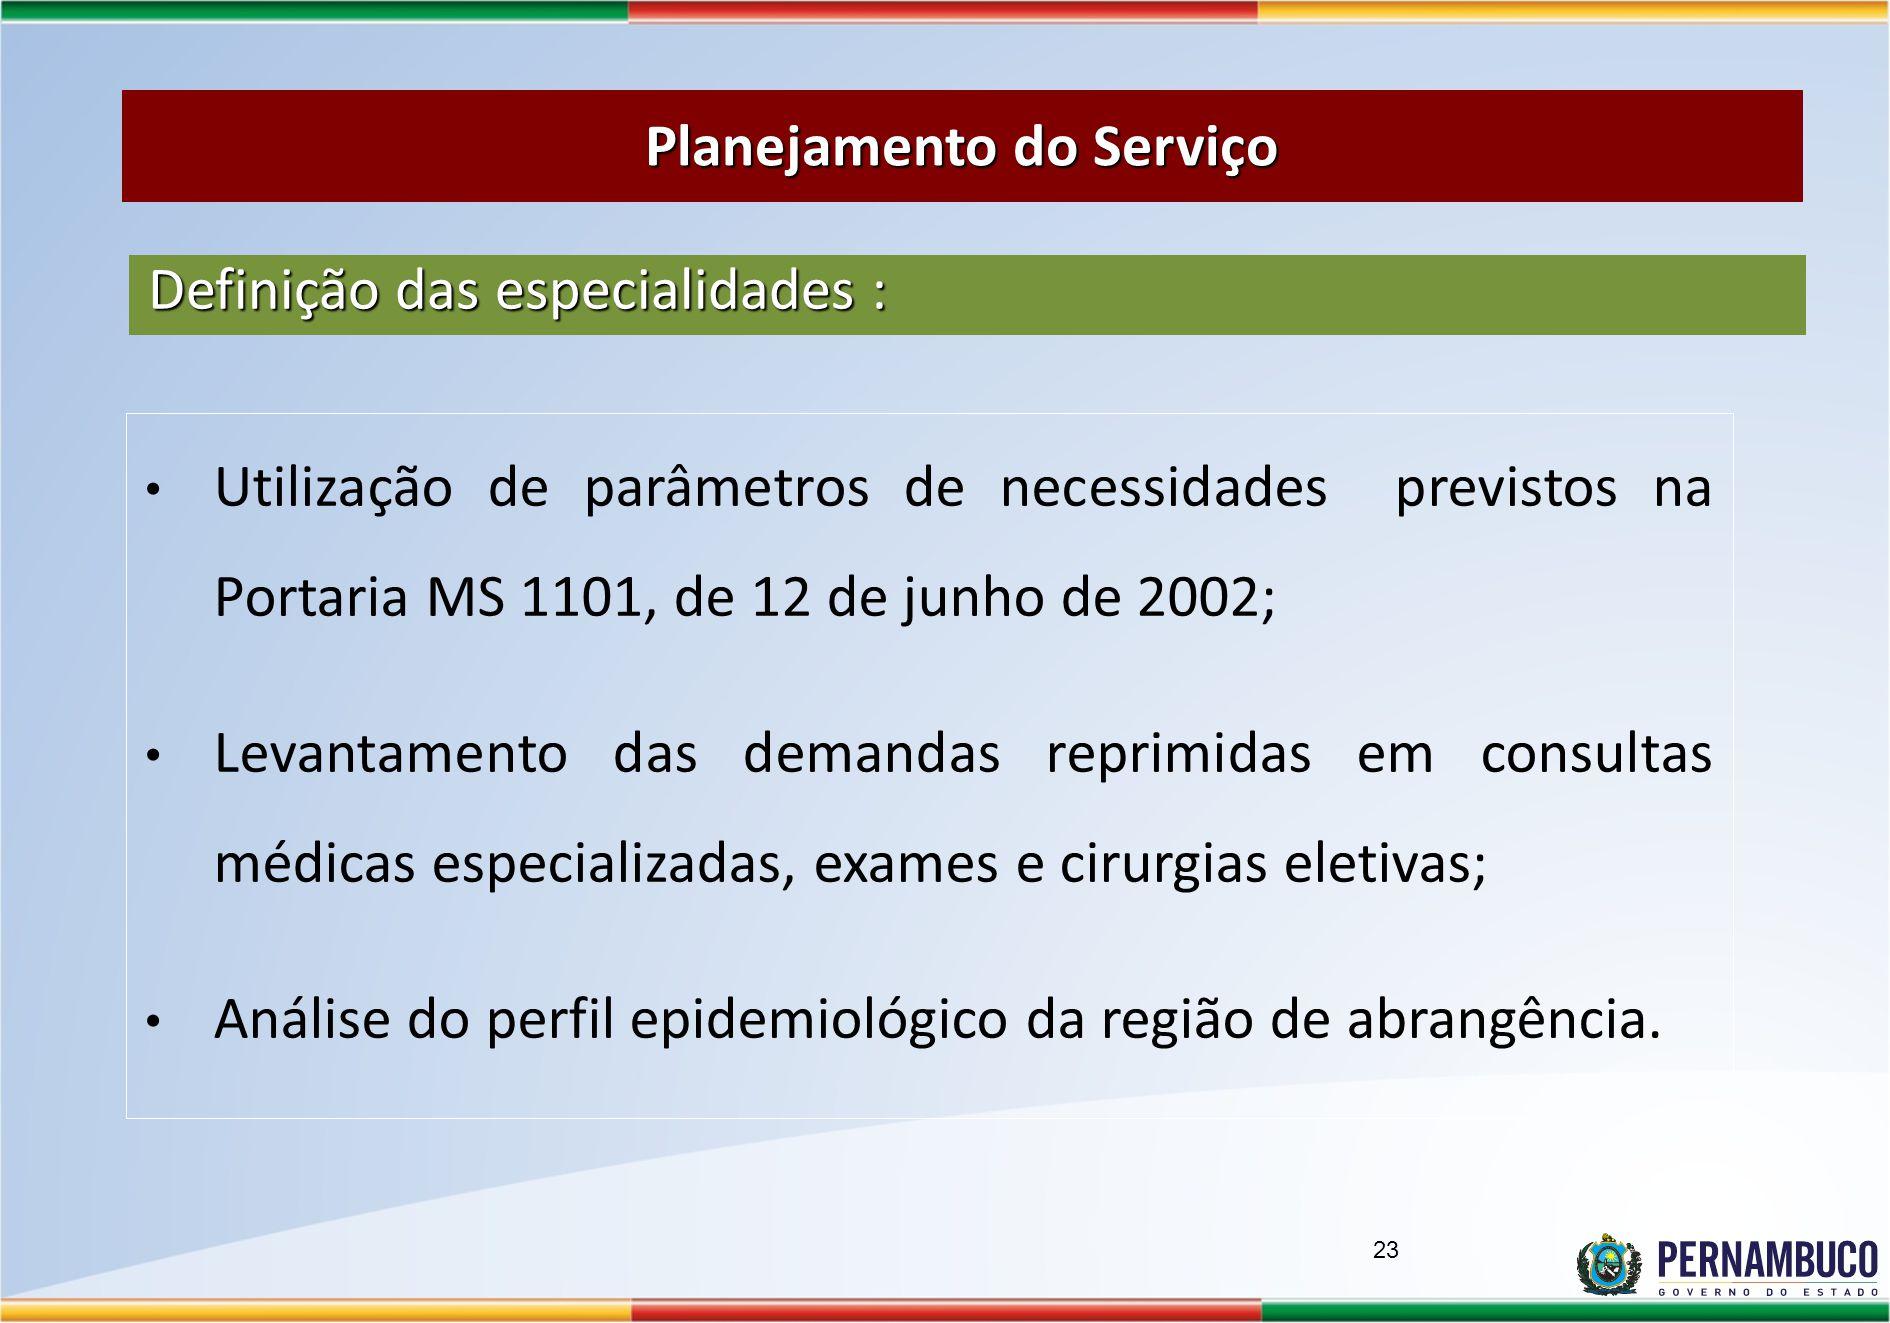 Utilização de parâmetros de necessidades previstos na Portaria MS 1101, de 12 de junho de 2002; Levantamento das demandas reprimidas em consultas médi